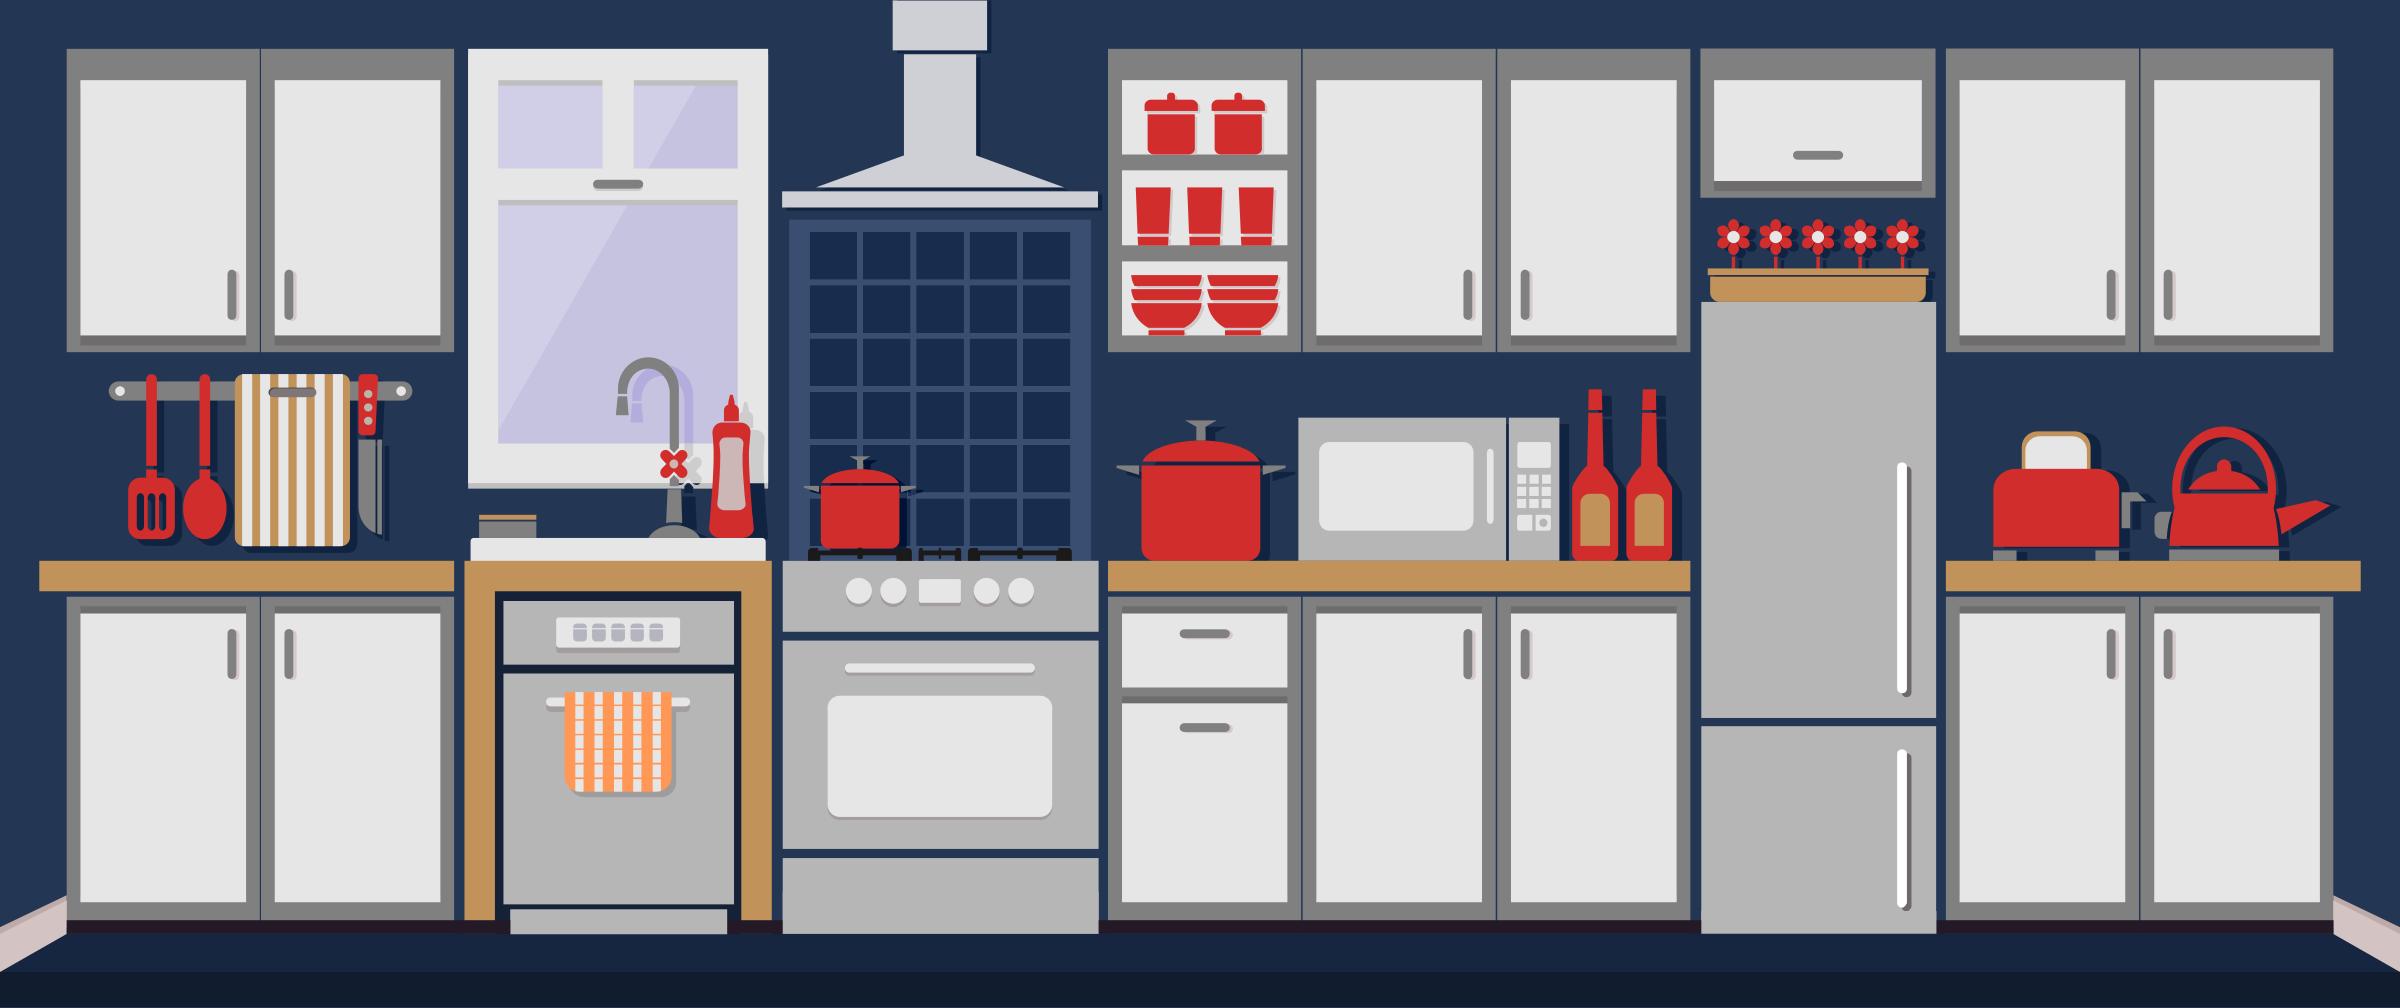 Kitchen Clipart & Kitchen Clip Art Images.